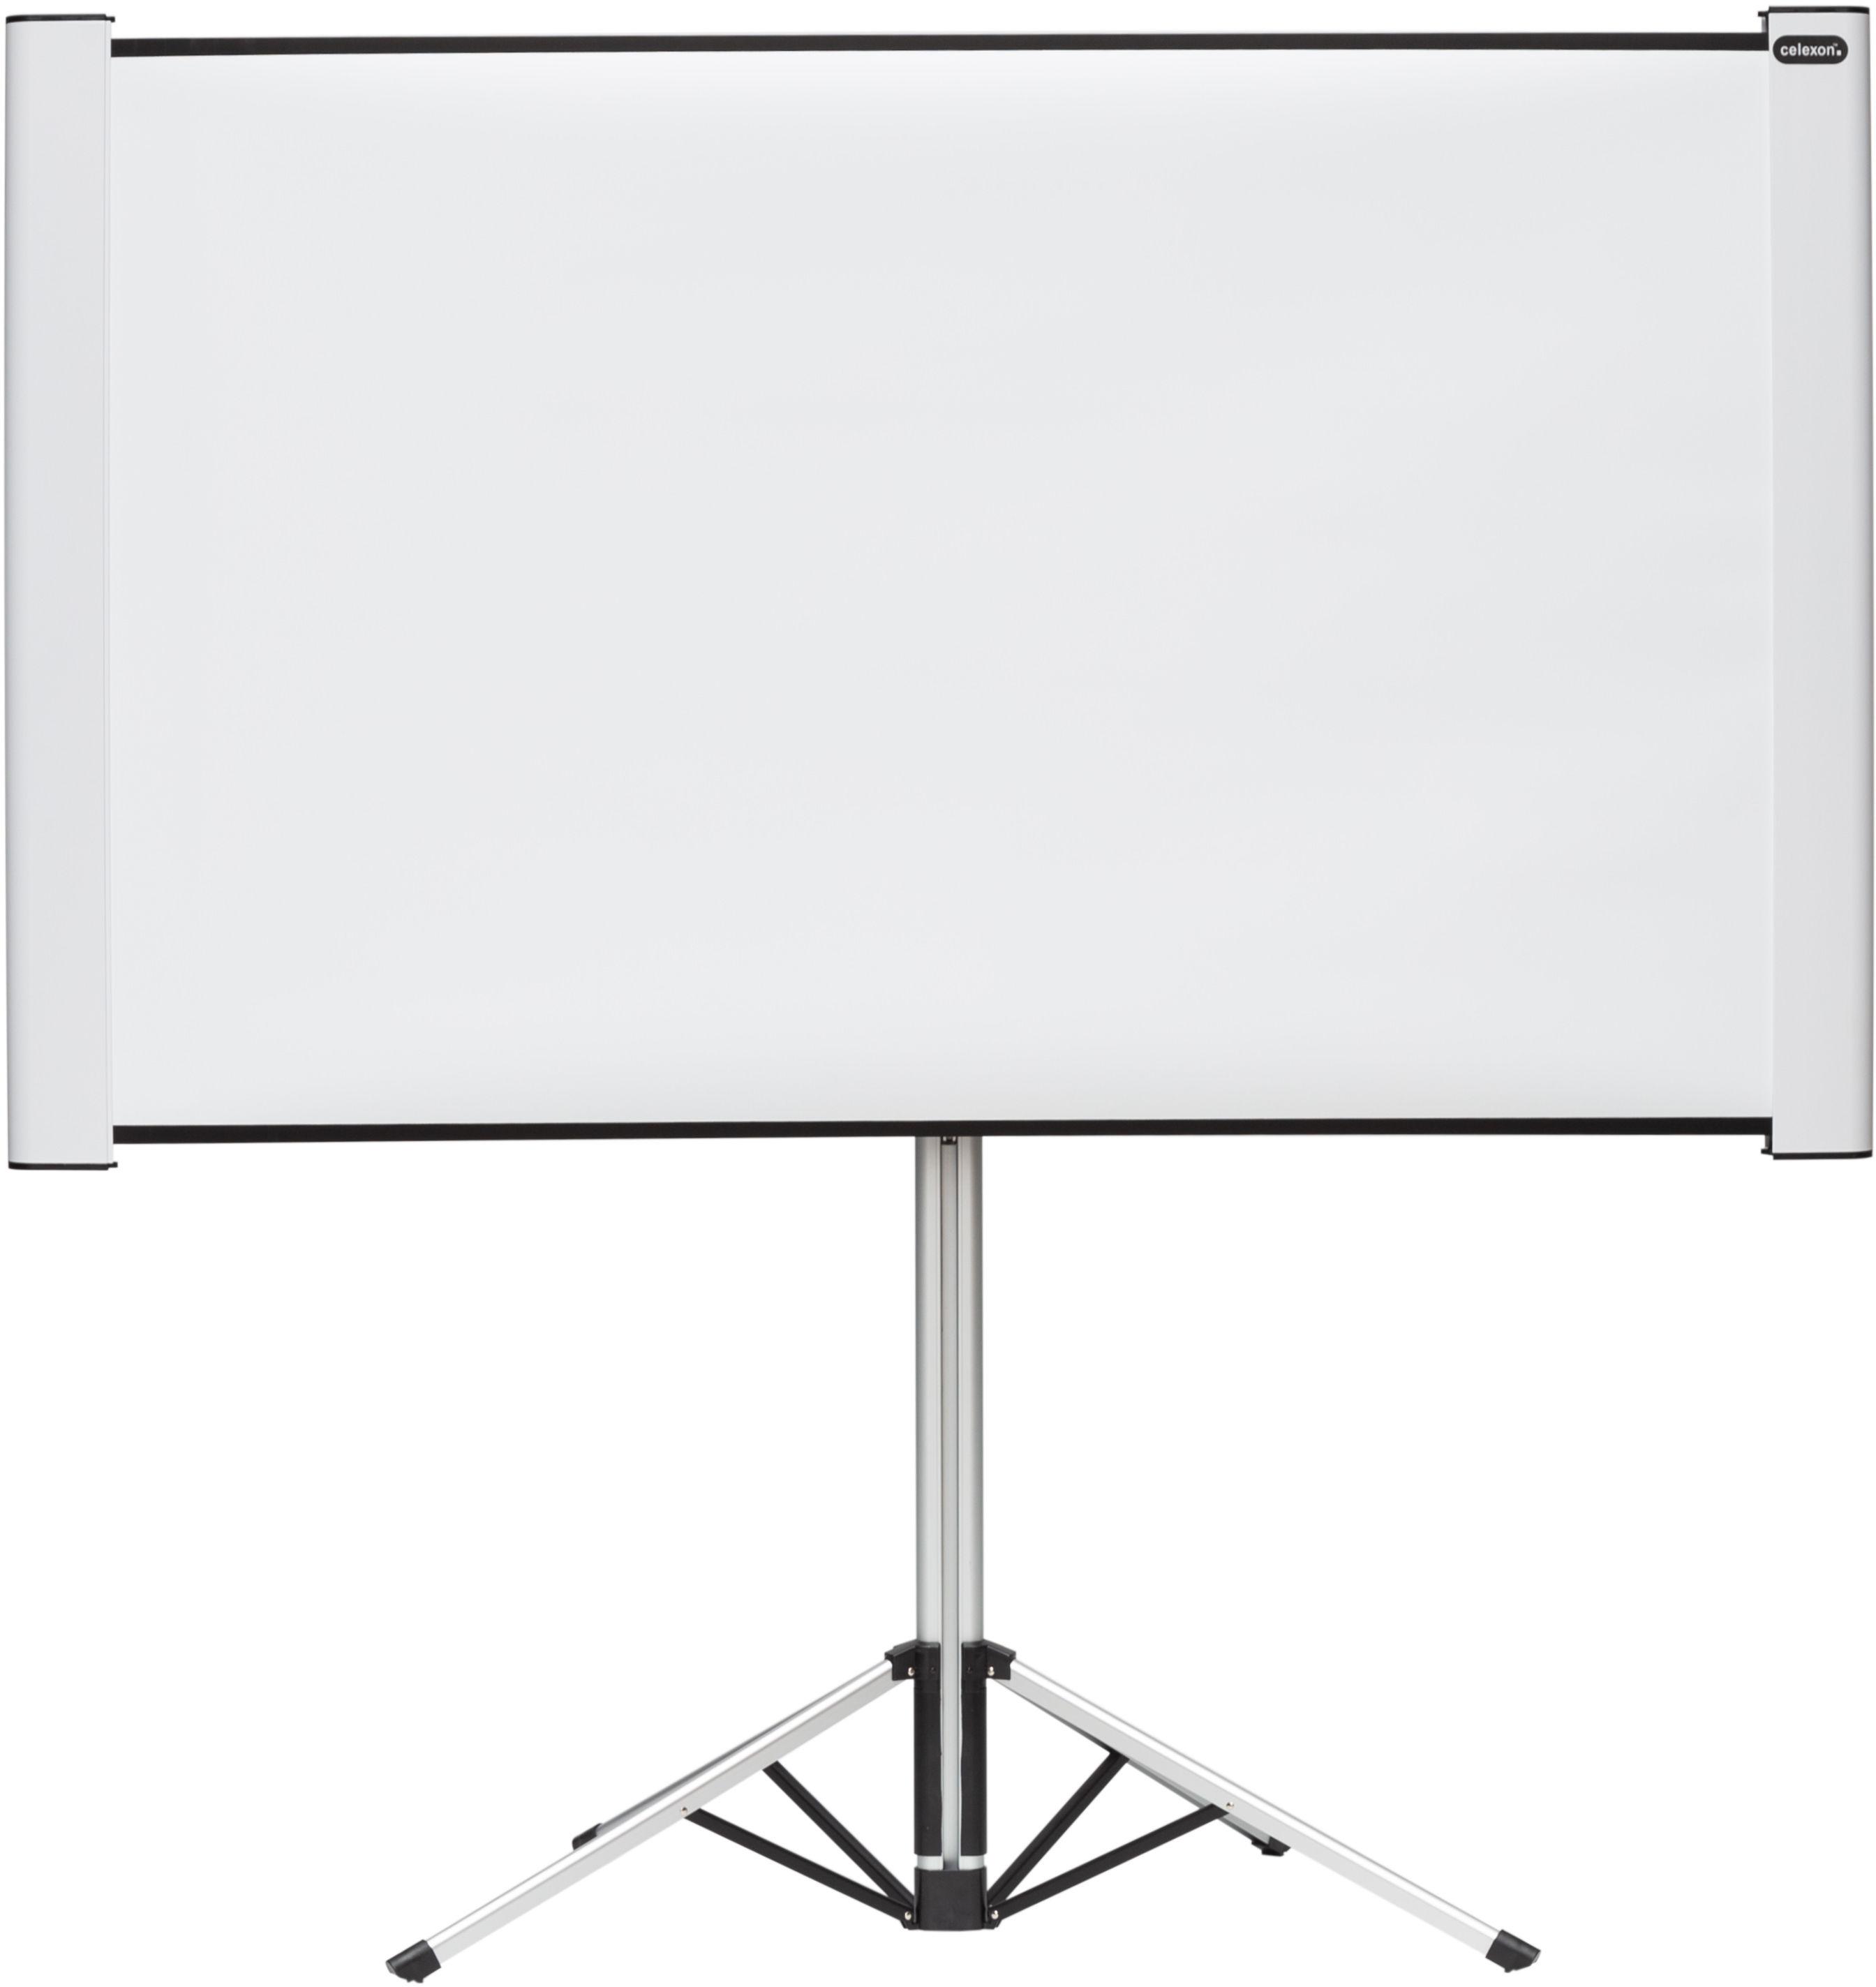 celexon dwuformatowy ekran na statywie 172 x 108cm Mobil Expert 4:3/16:10 -80